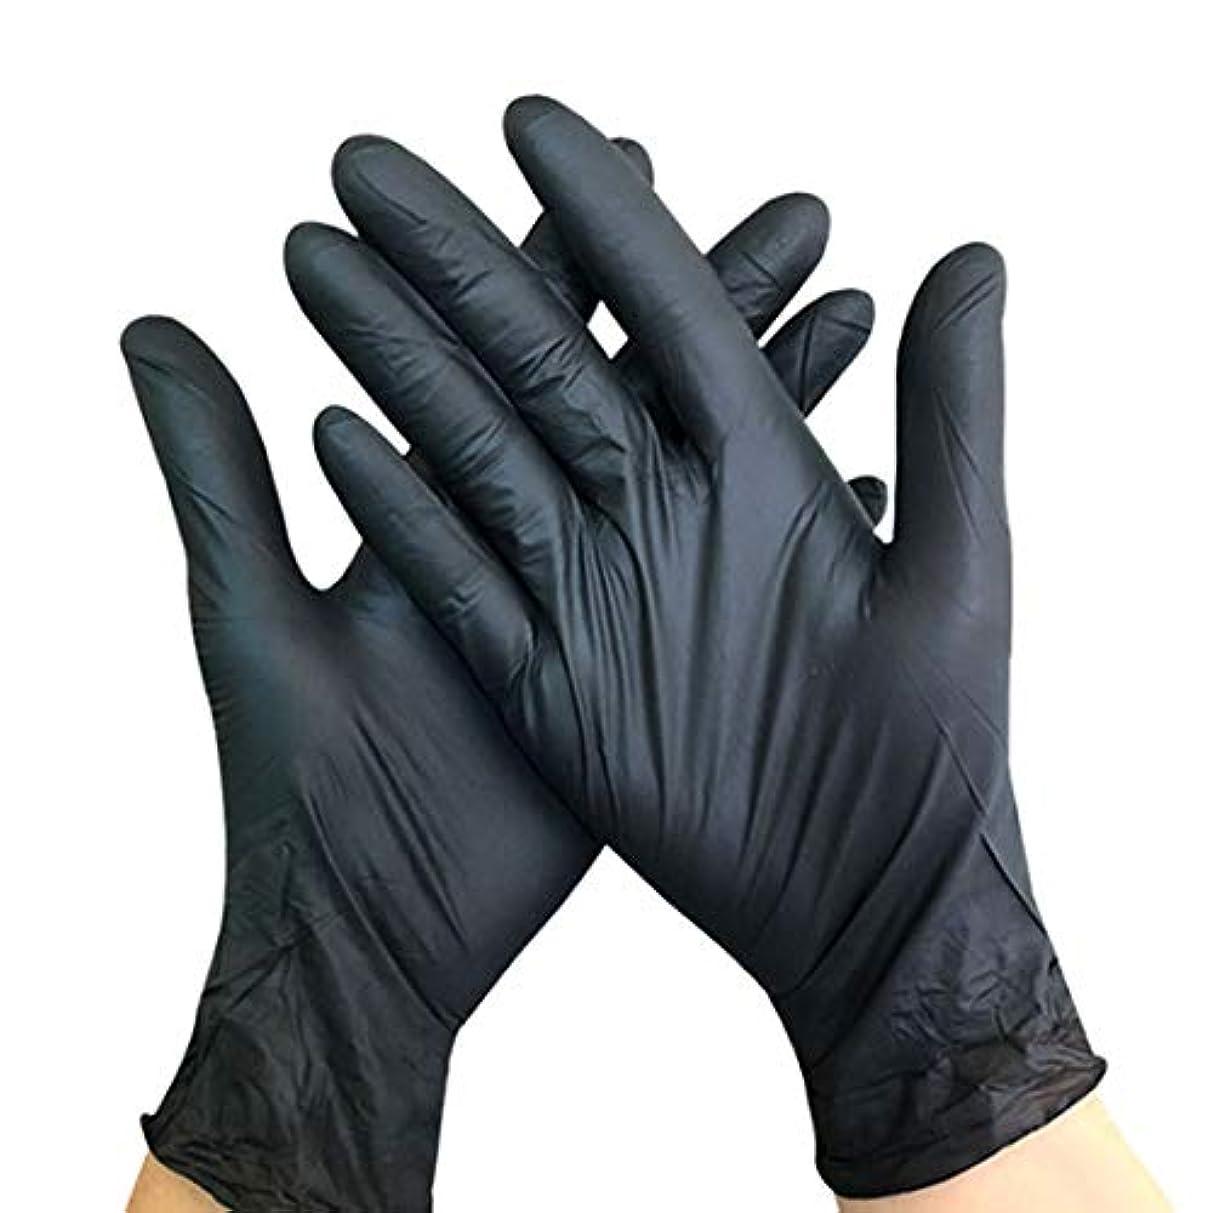 疾患ステーキボーダーYuena Care 使い捨て手袋 100枚入 ニトリルグローブ 粉なし 作業手袋 耐油 料理 掃除 衛生 工業用 医療用 美容用 レストラン用 左右兼用 M